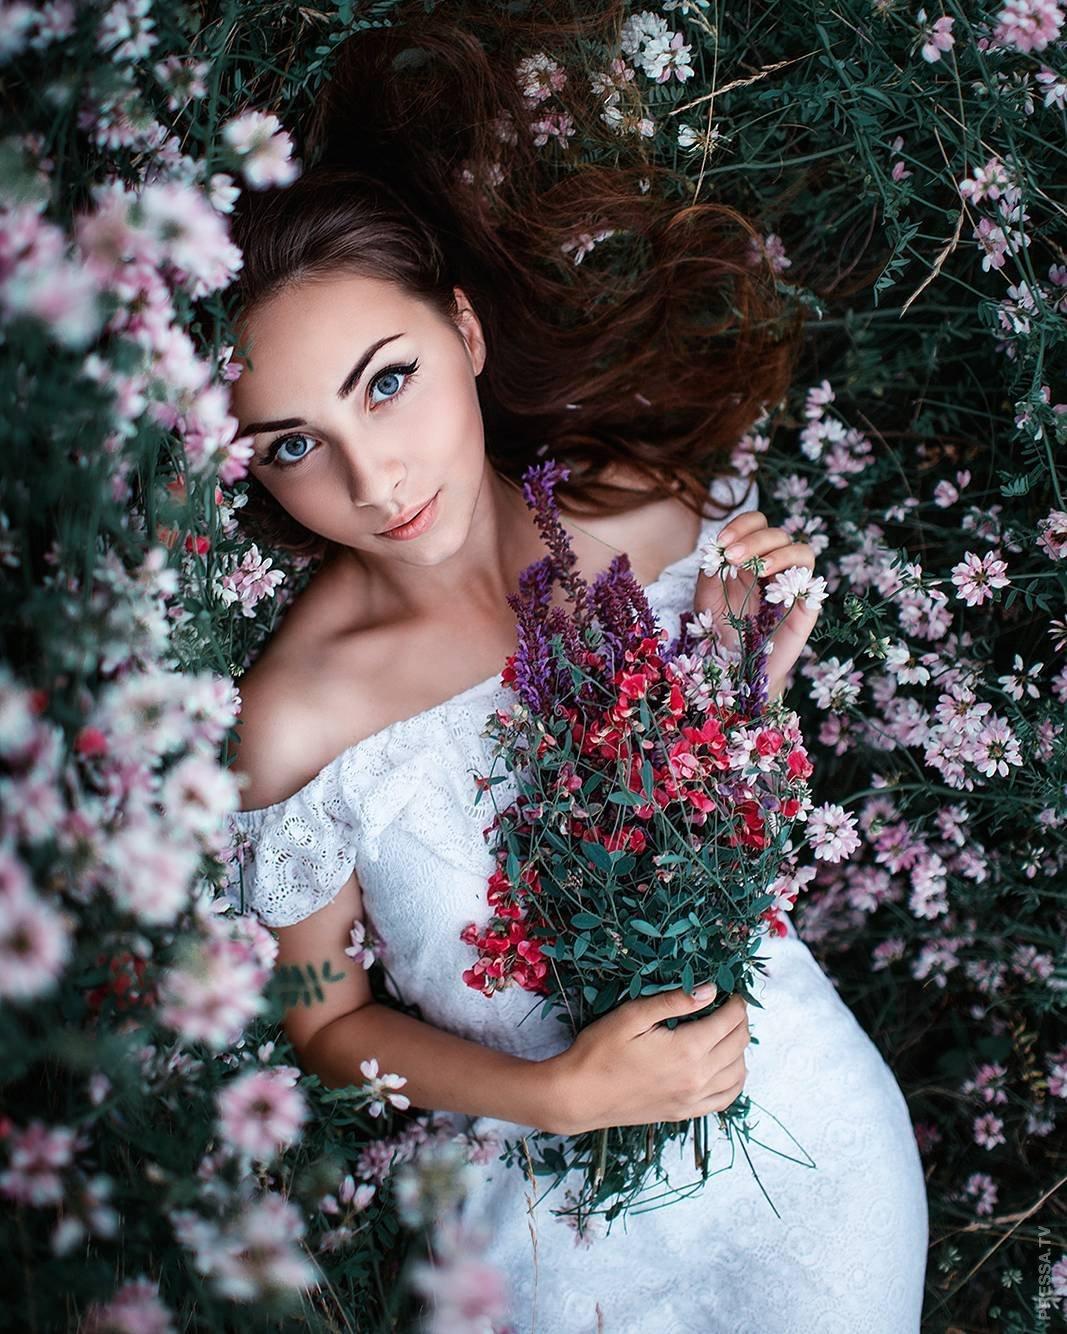 Красотки россии фото